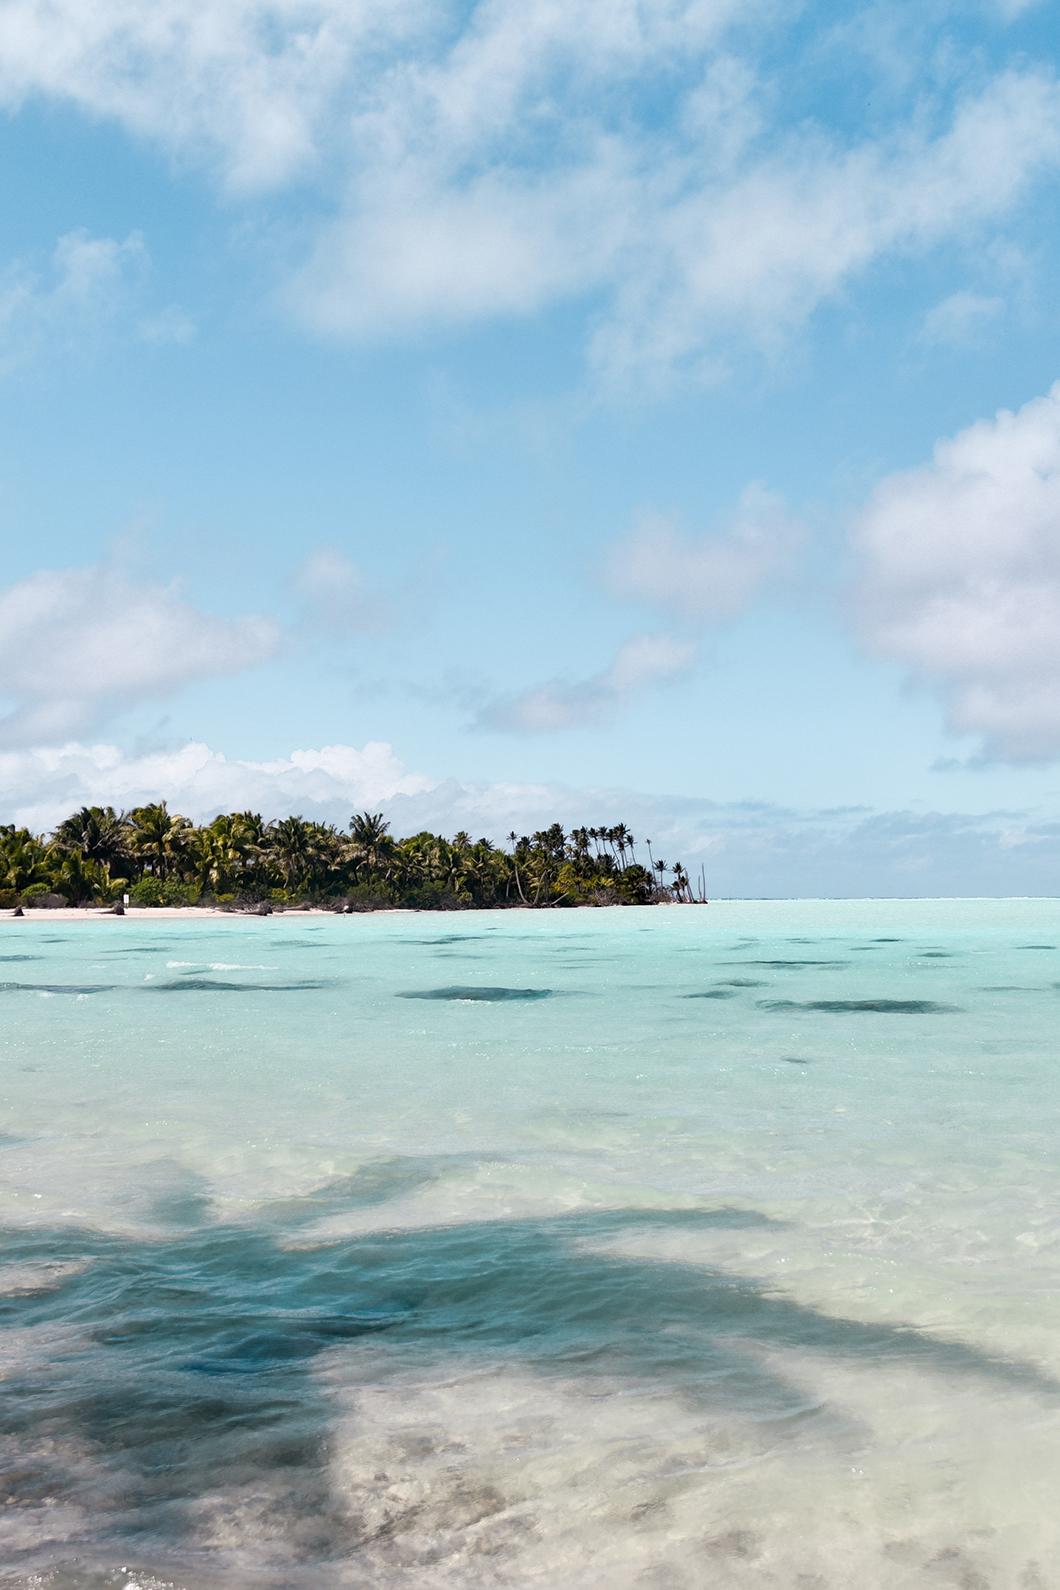 Organiser une journée sur l'île de Tetiaroa avec Poe Charter